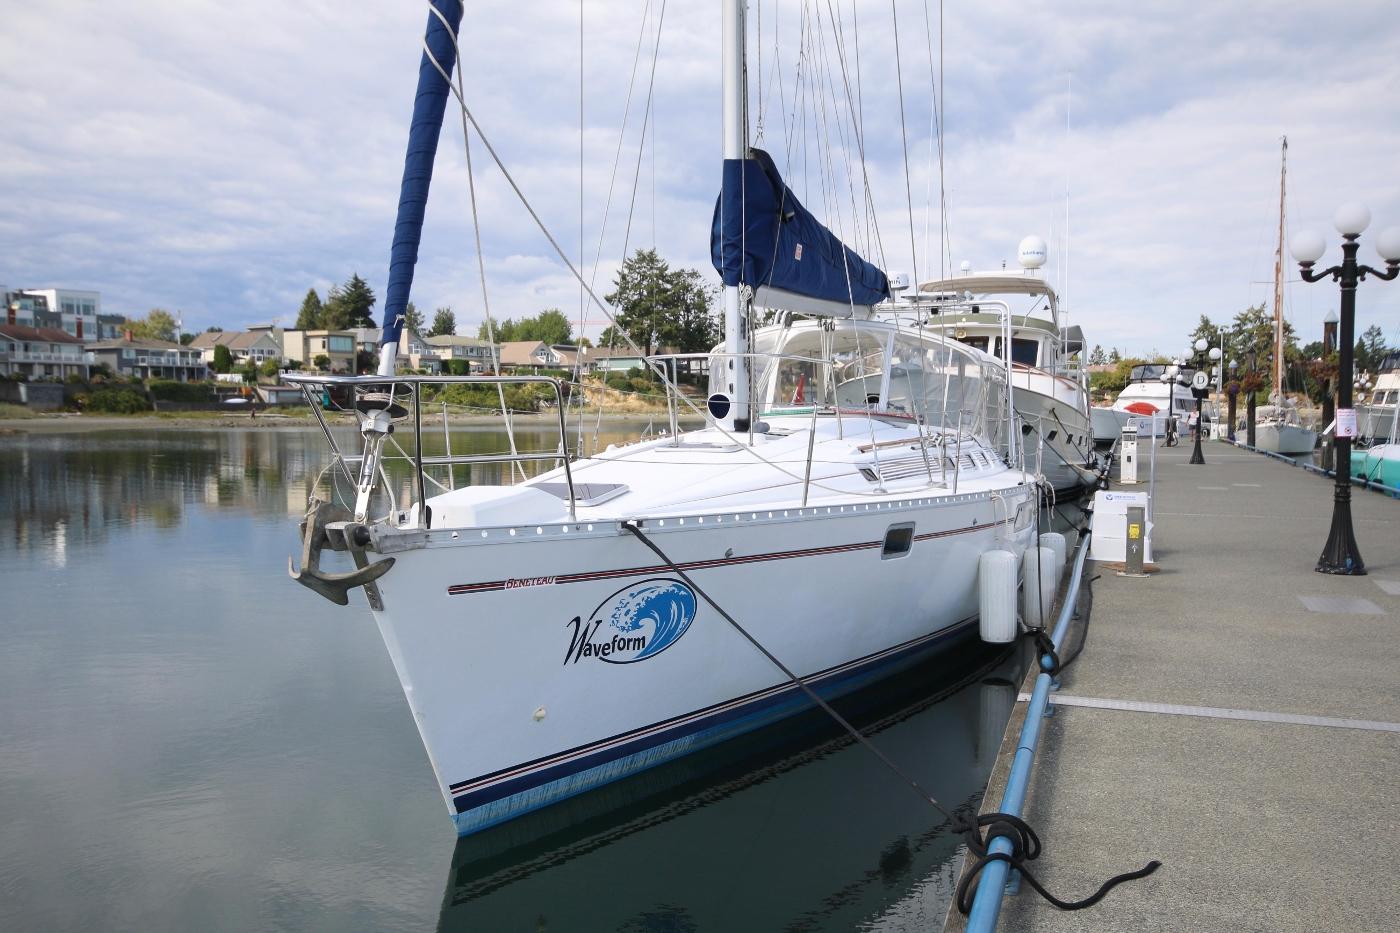 1995 Beneteau Oceanis 445,